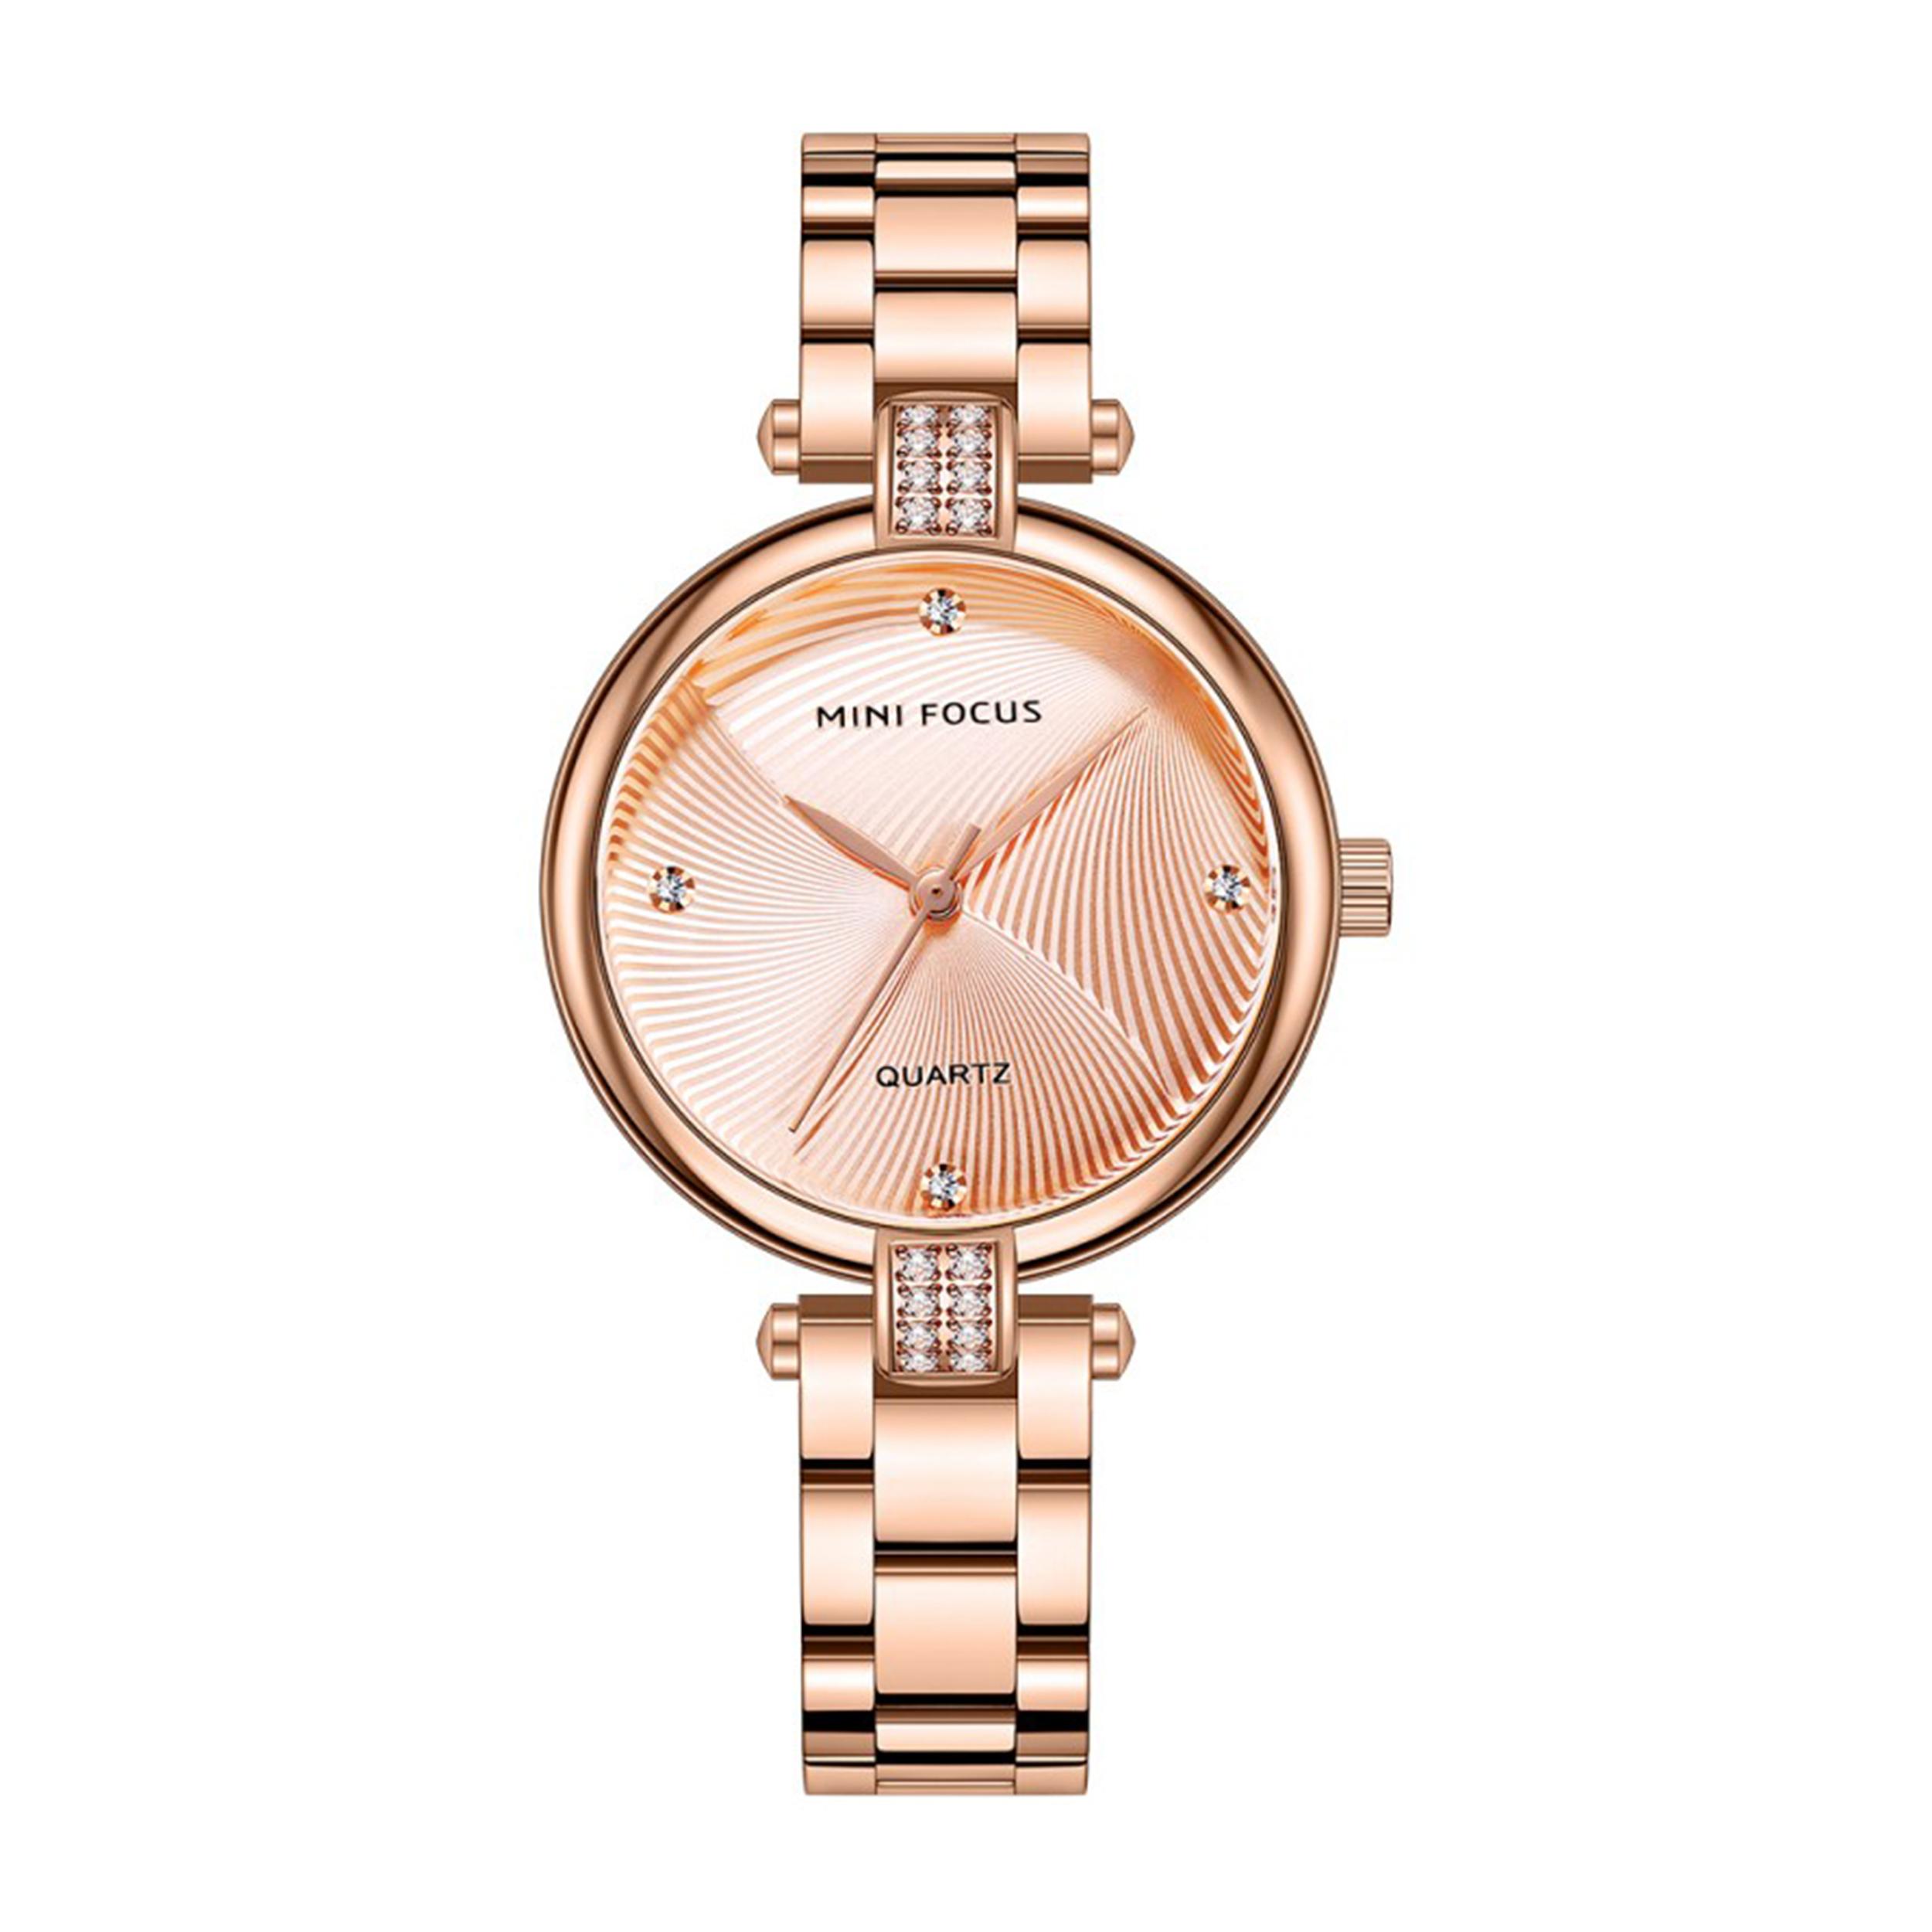 ساعت مچی عقربه ای زنانه مینی فوکوس مدل MF0310L.03